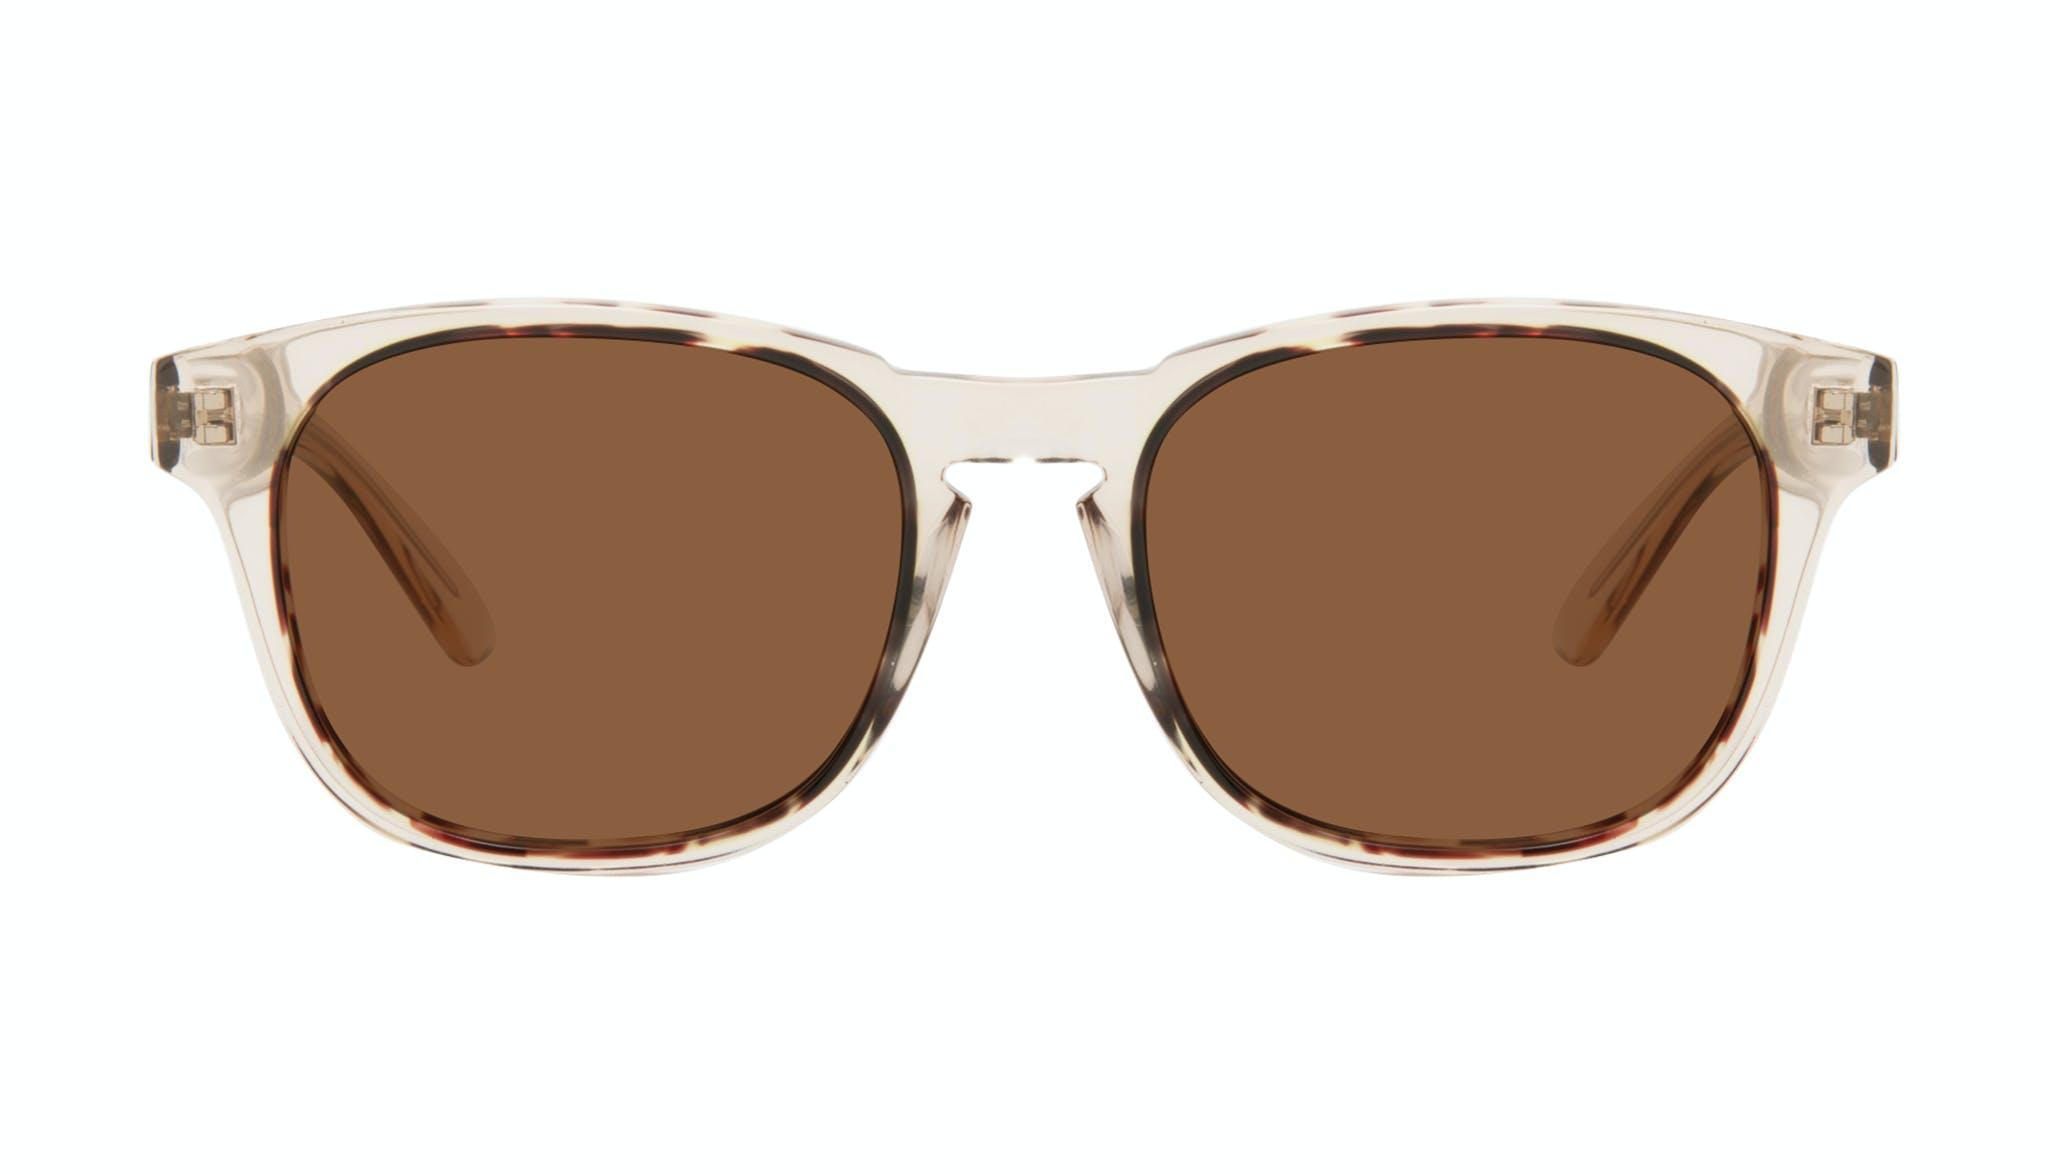 Affordable Fashion Glasses Square Sunglasses Men Outline Golden Tort Front